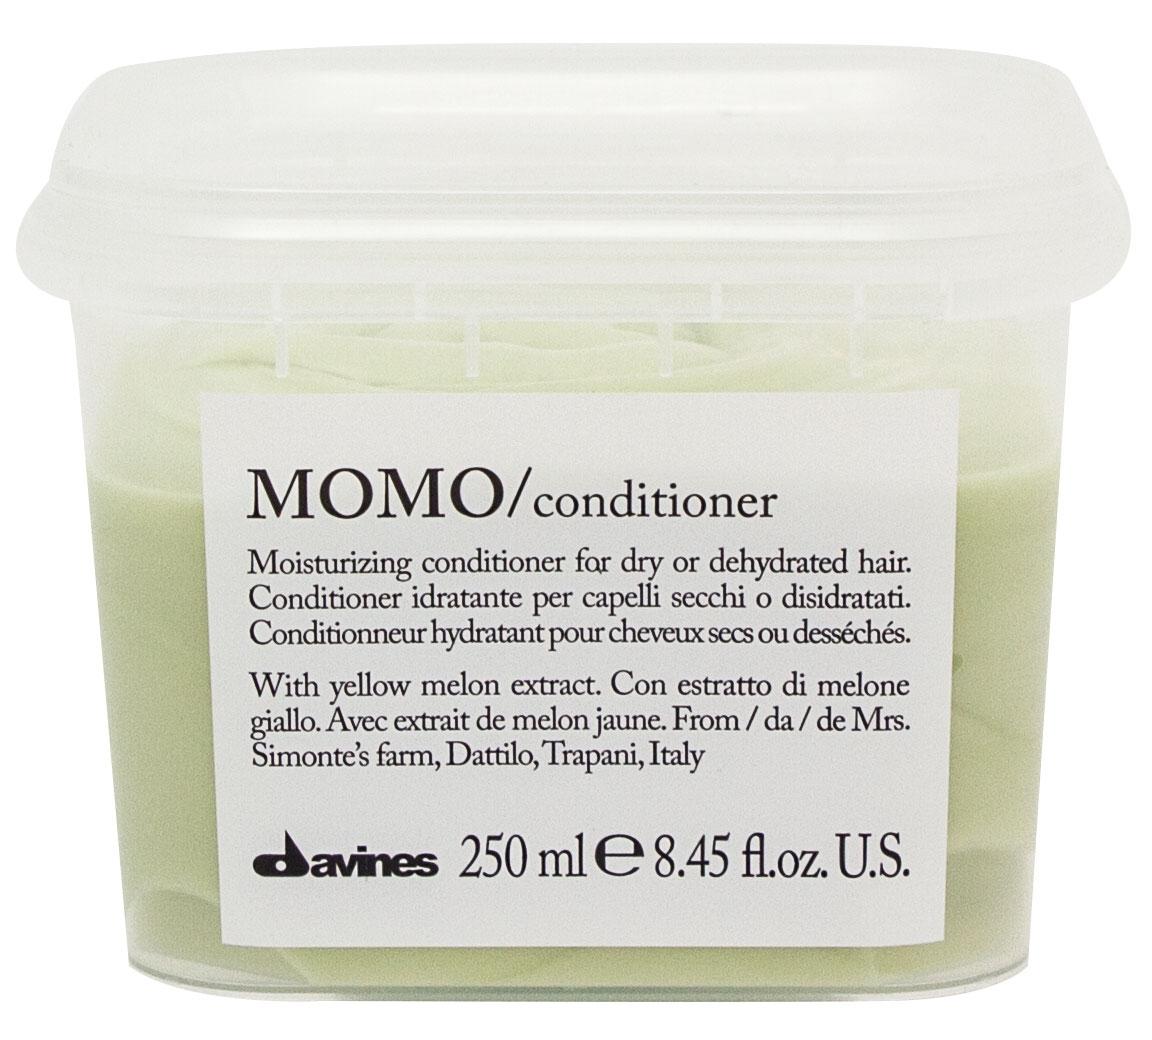 Davines Увлажняющий Кондиционер Momo, 250 мл davines мягкий кондиционер для подготовки волос к укладке 200 мл